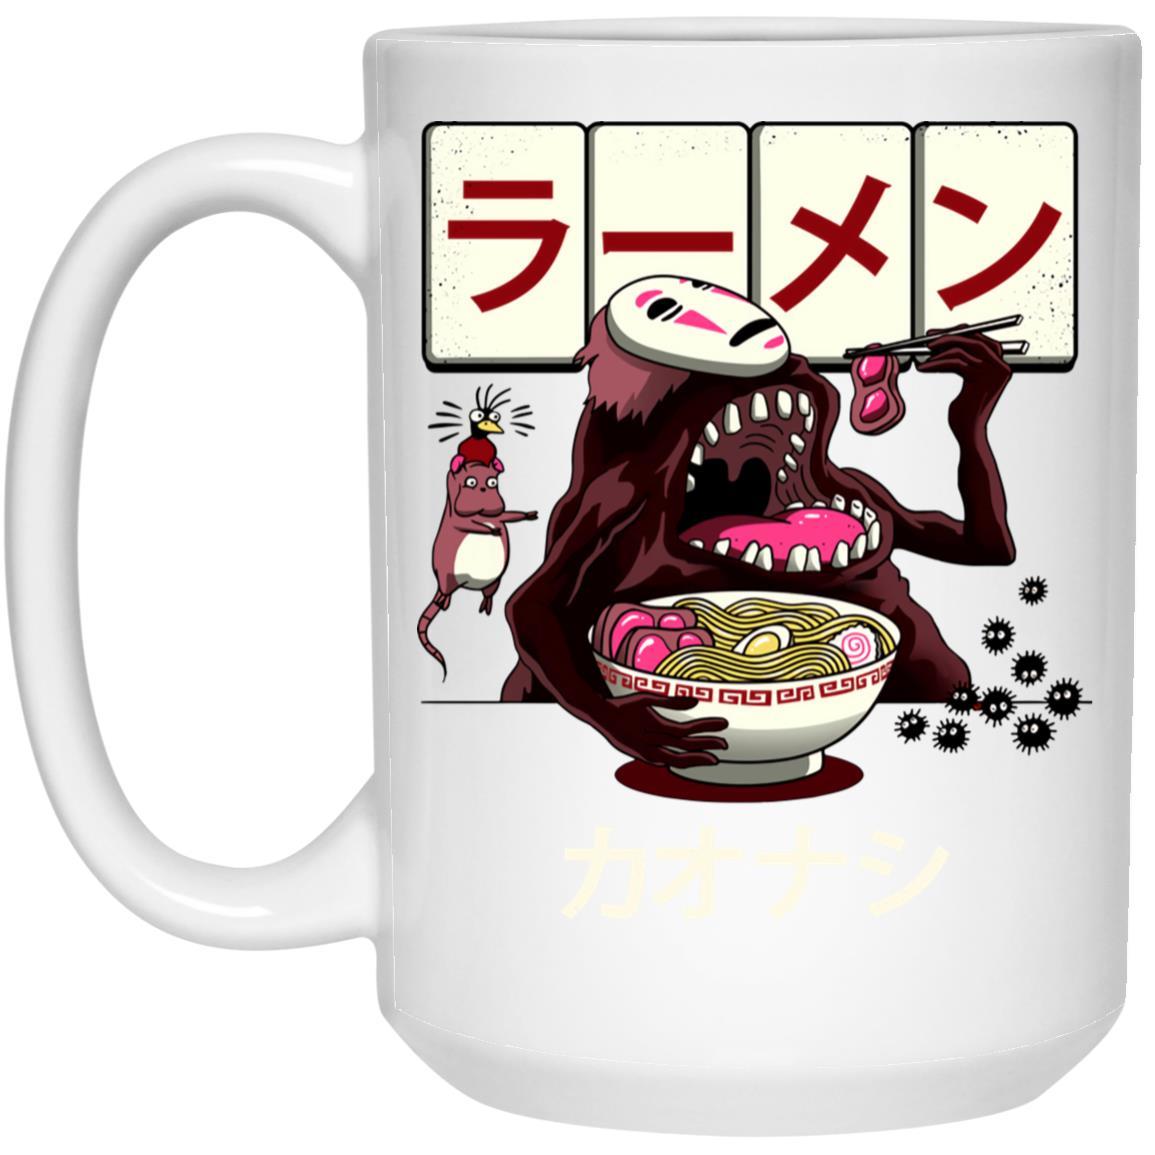 Spirited Away Kaonashi Ramen Mug